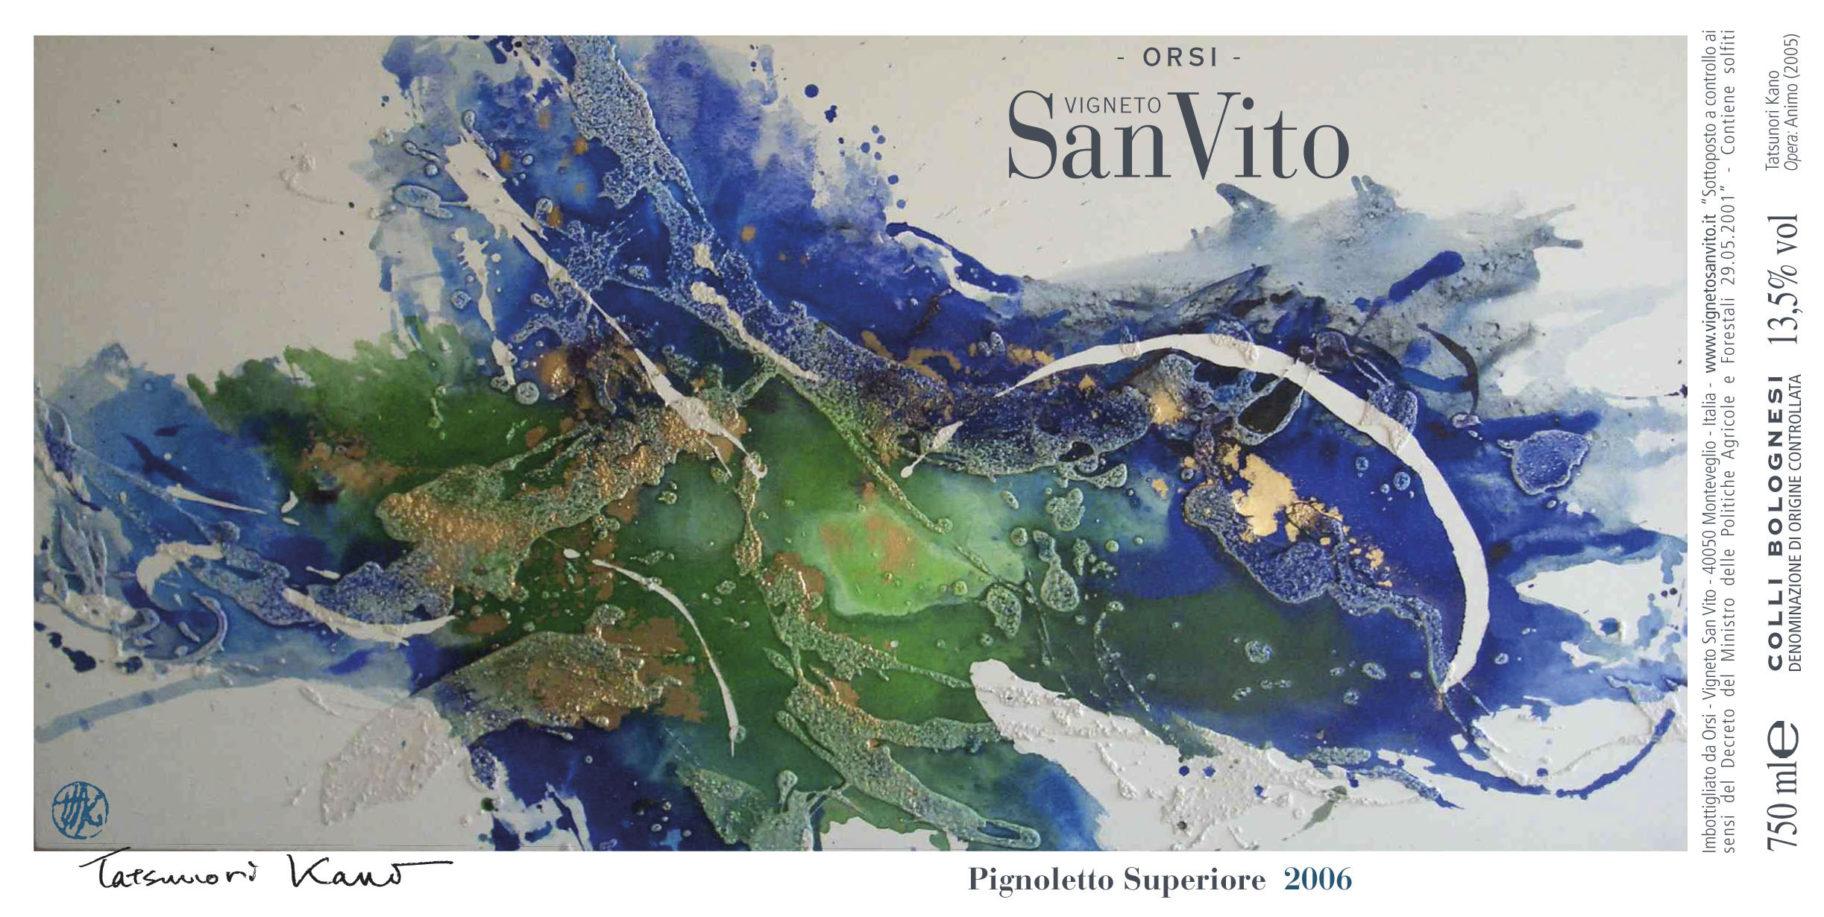 ORSI-Vigneto-SanVito-invito-Tatsunori-Kano